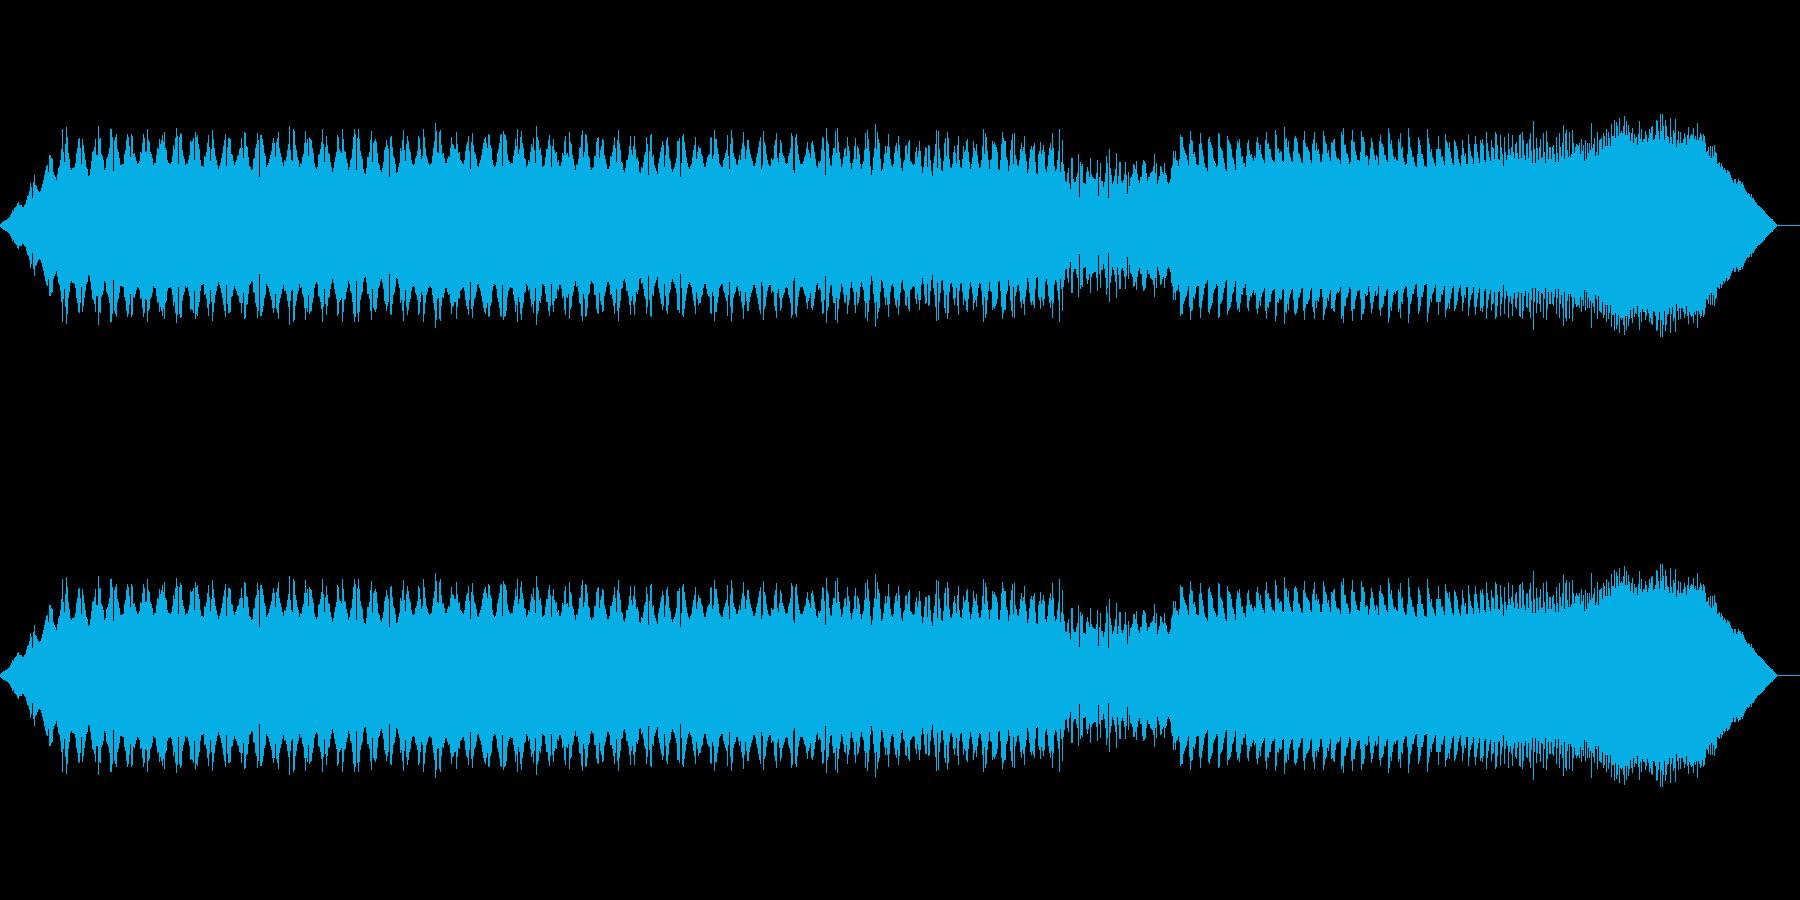 アラーム-アラーム、変換の再生済みの波形